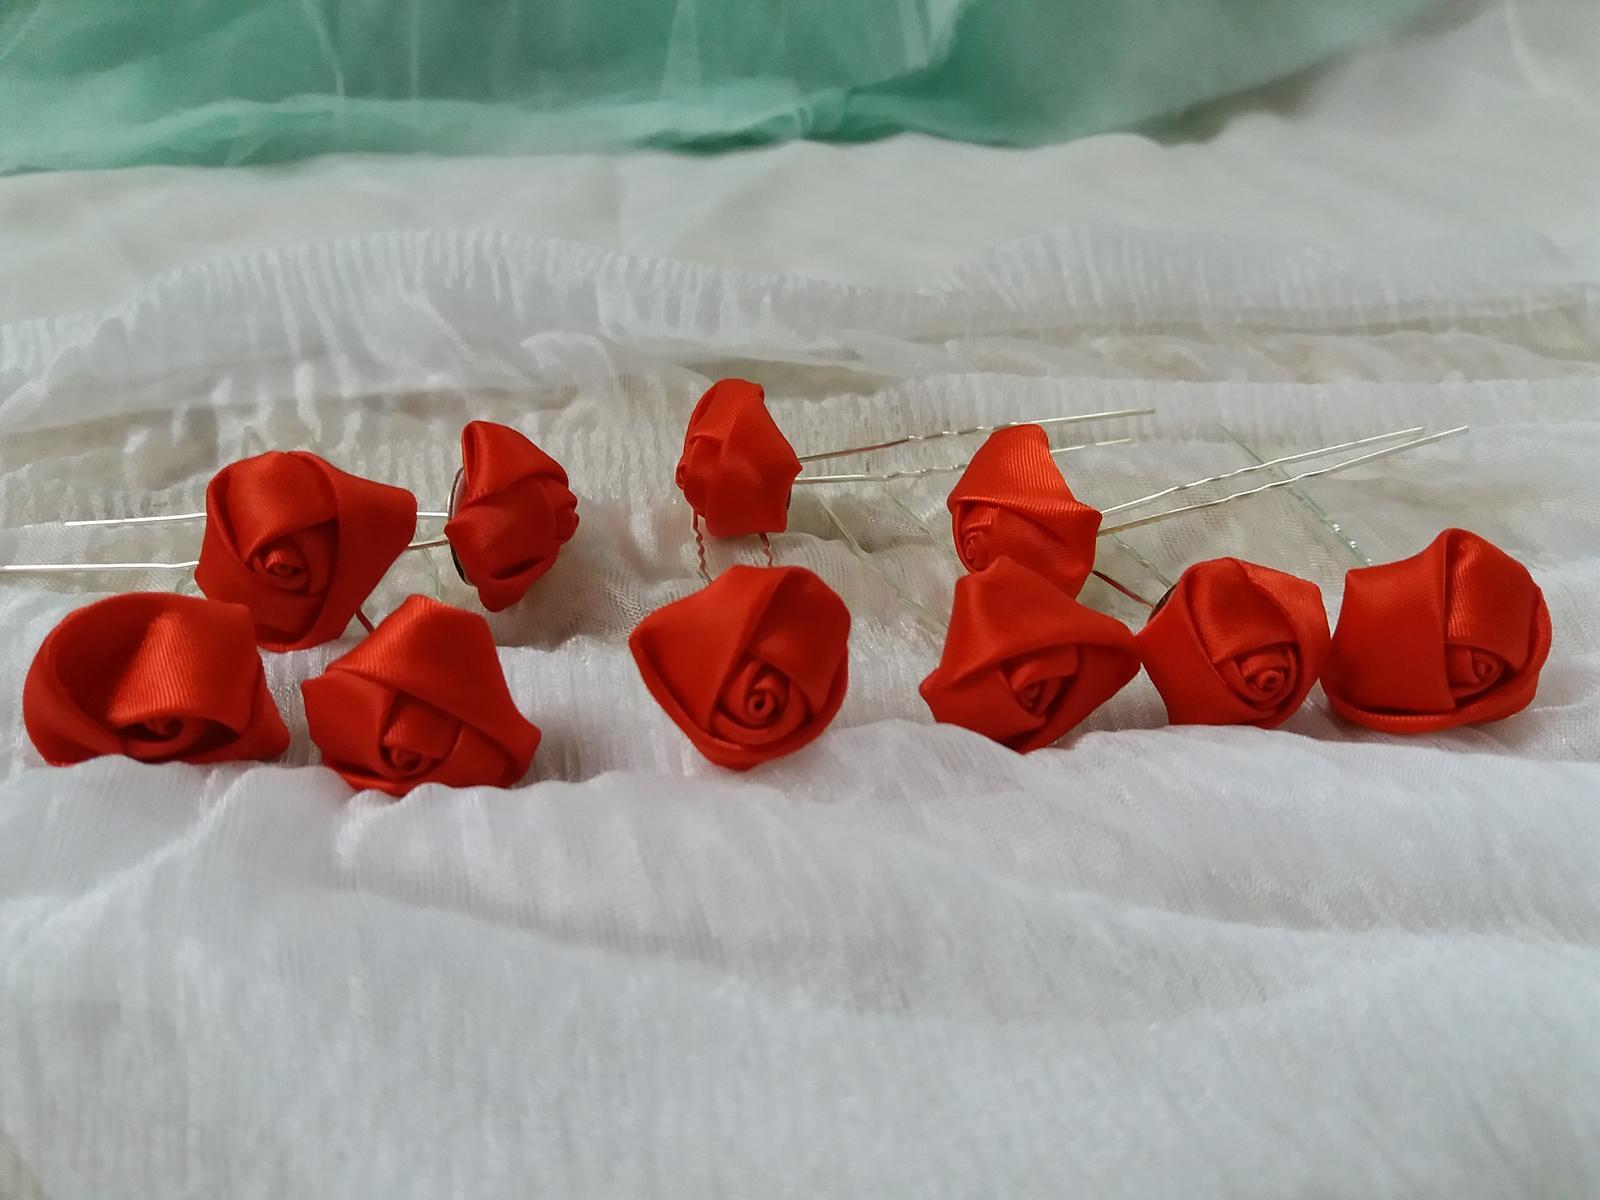 Pinetka do vlasů textil růže červená 0ee9d39be0